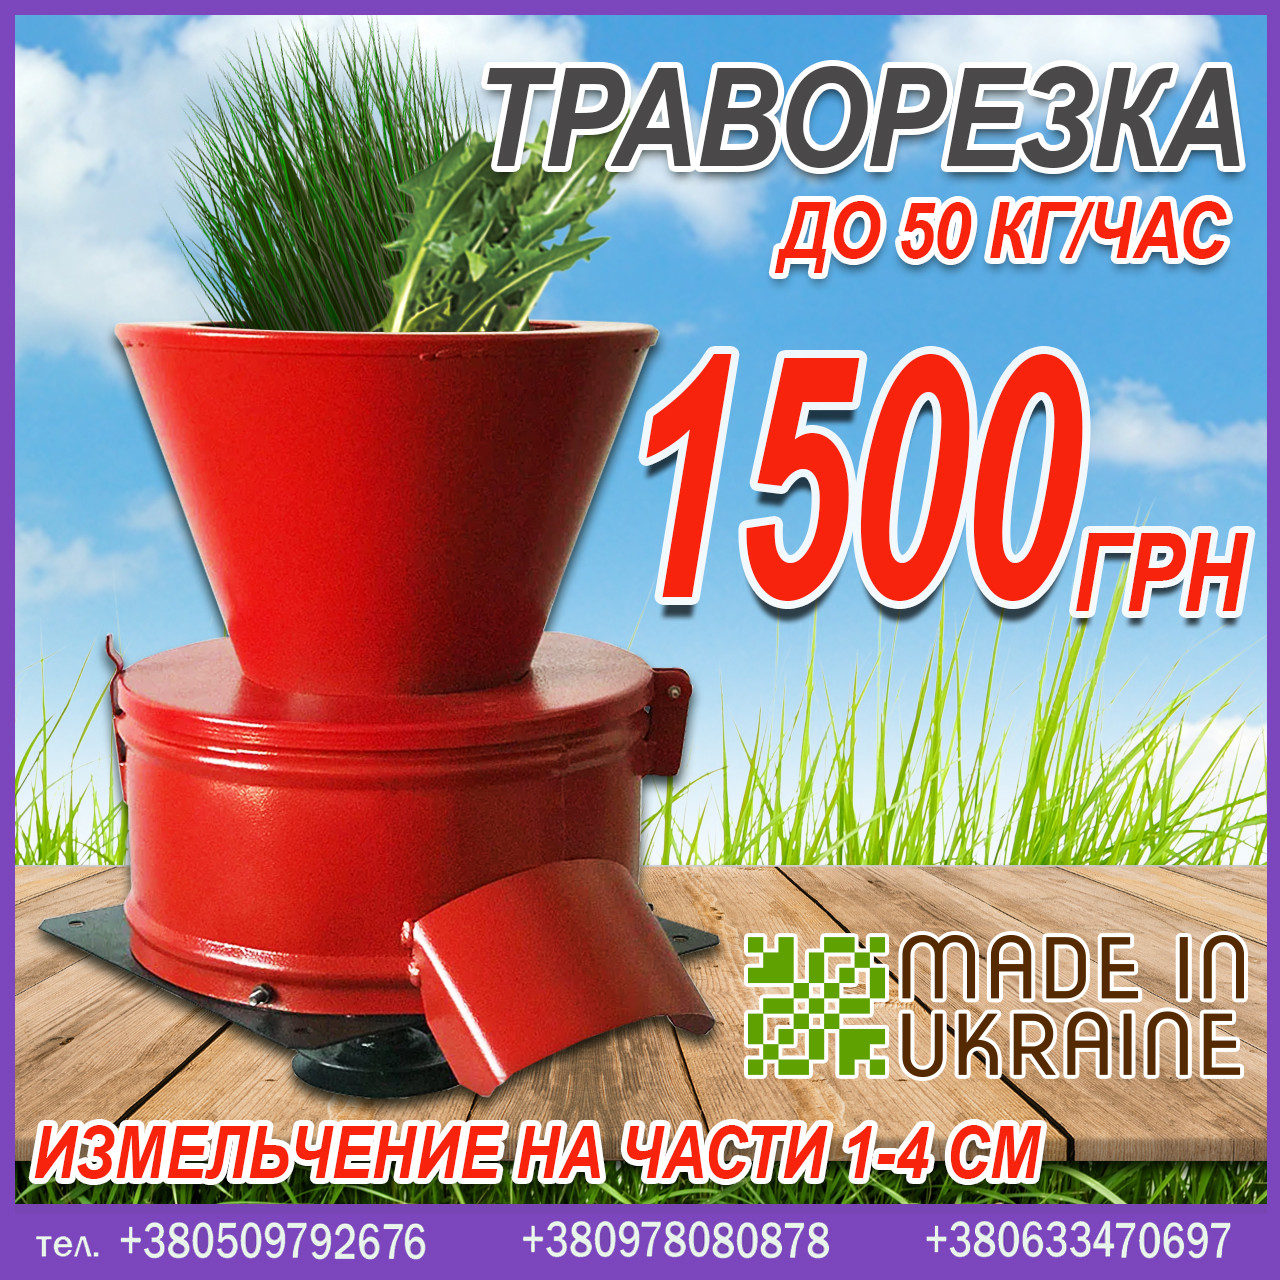 Траворезка предназначена для превращения свежескошенной зеленой травы в корм